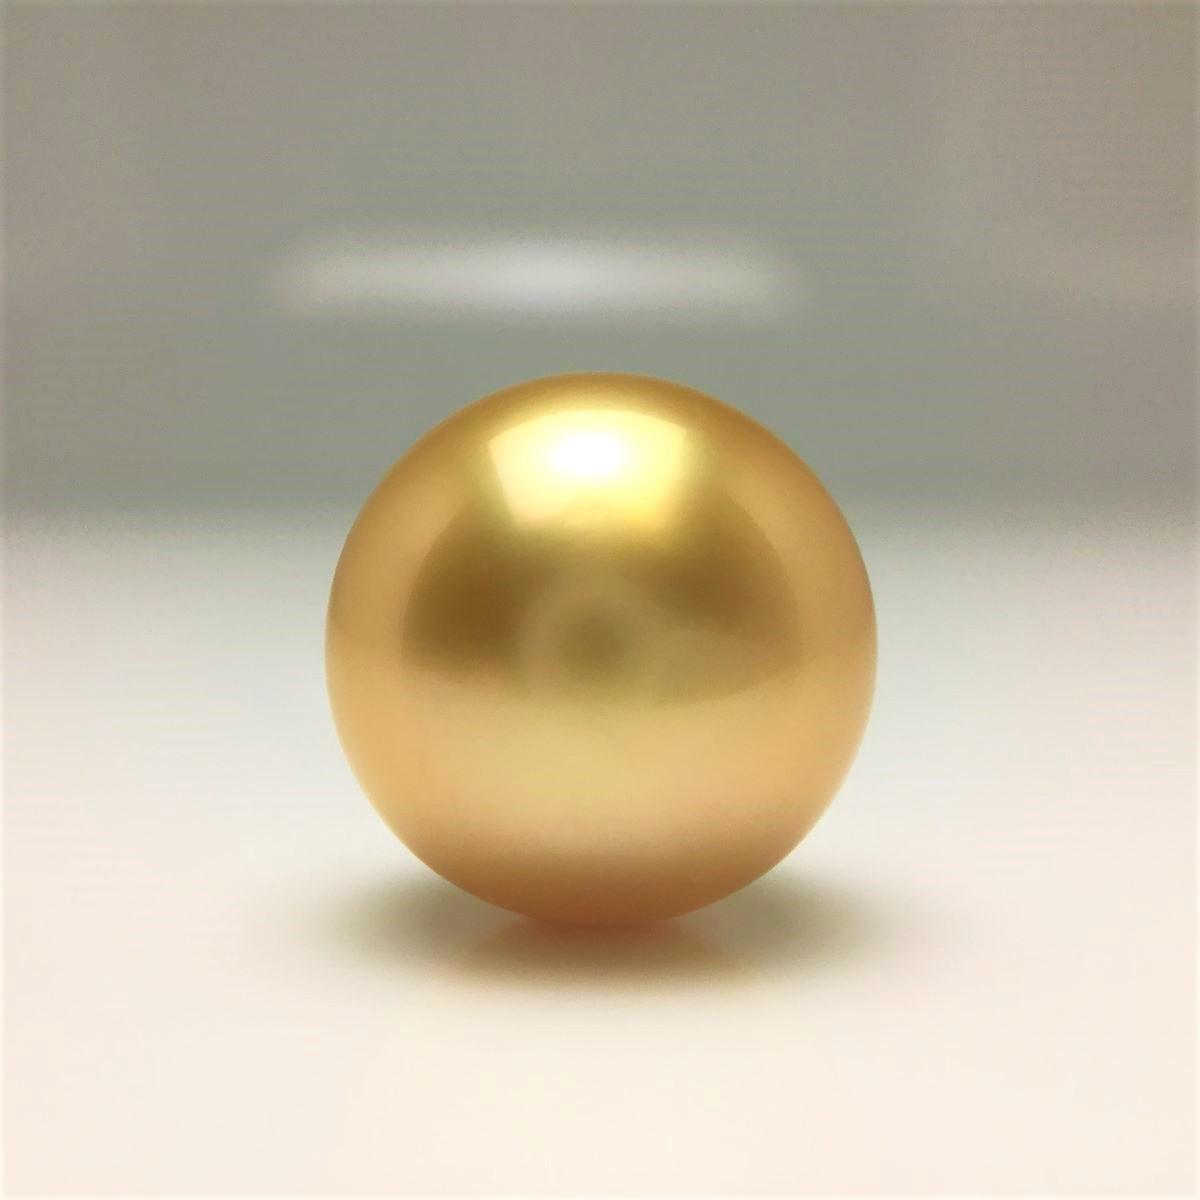 【10%OFF】真珠 ネクタイピン パール 白蝶真珠 12.38mm ゴールド(ナチュラル) K18 イエローゴールド 針 66989 イソワパール